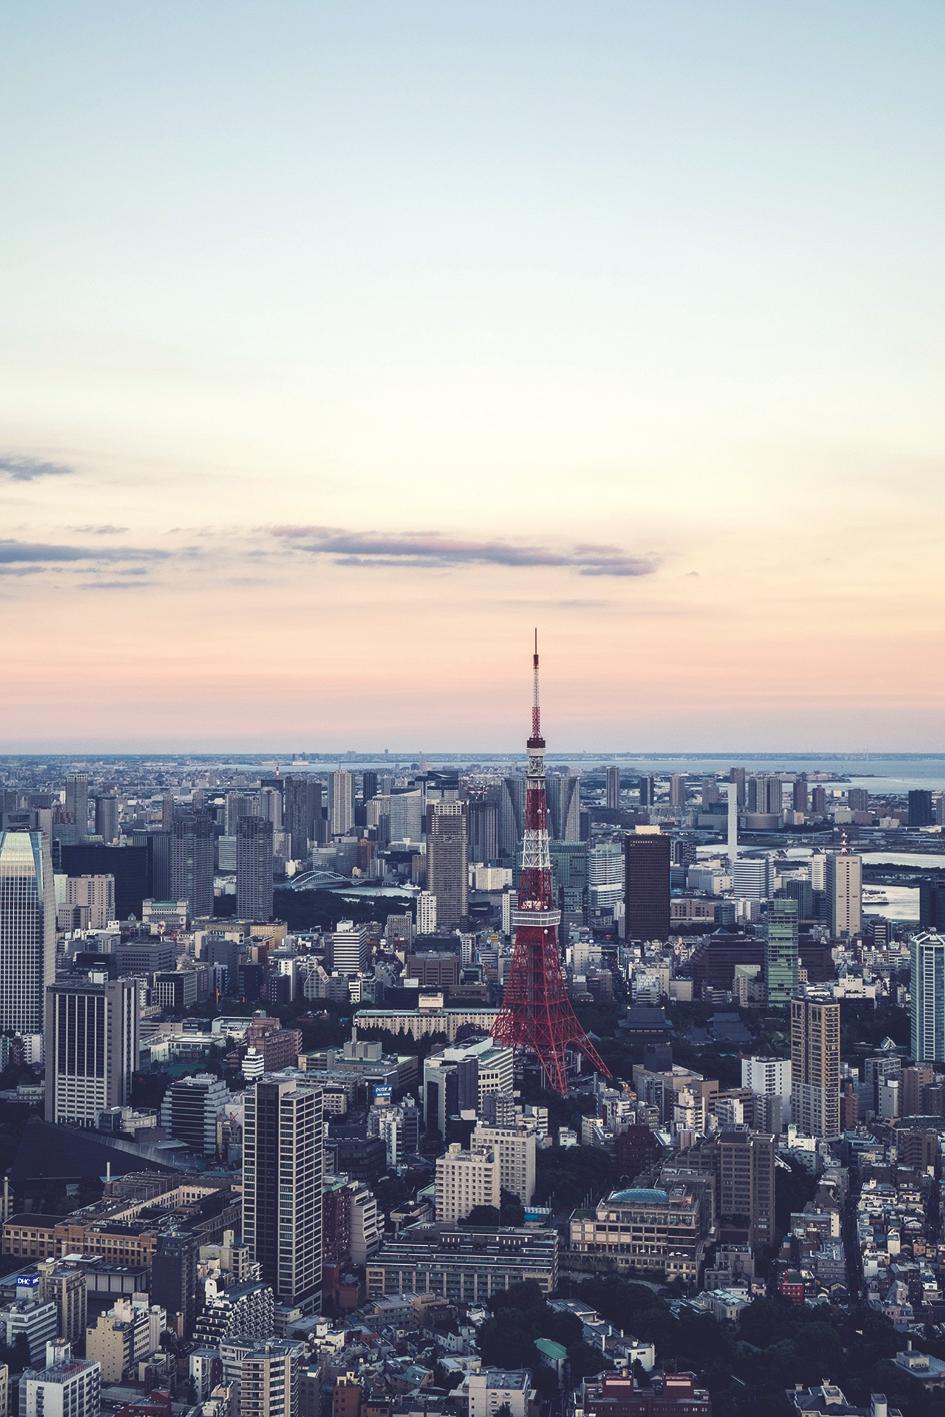 Nuestro viaje comienza en  Tokyo , la ciudad más poblada del mundo.